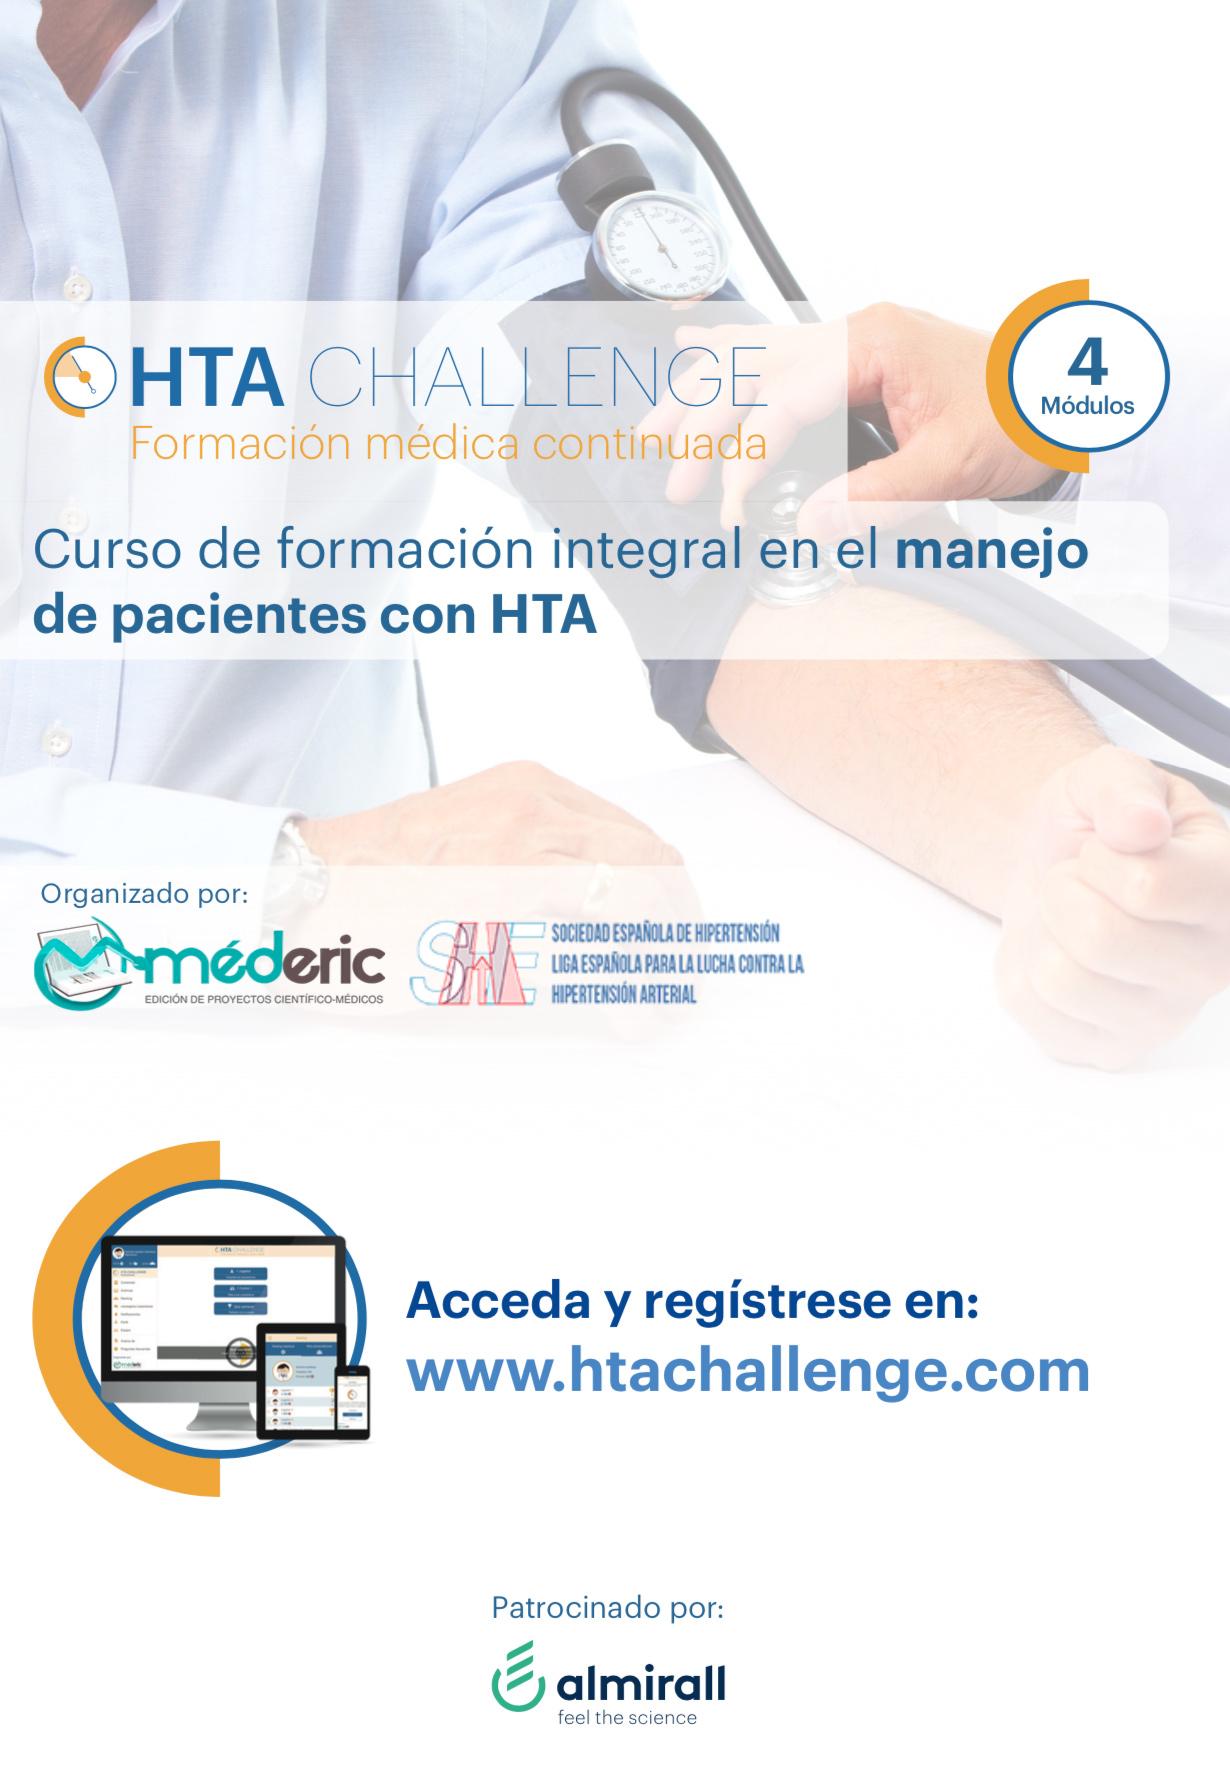 HTA Challenge: formación médica continuada